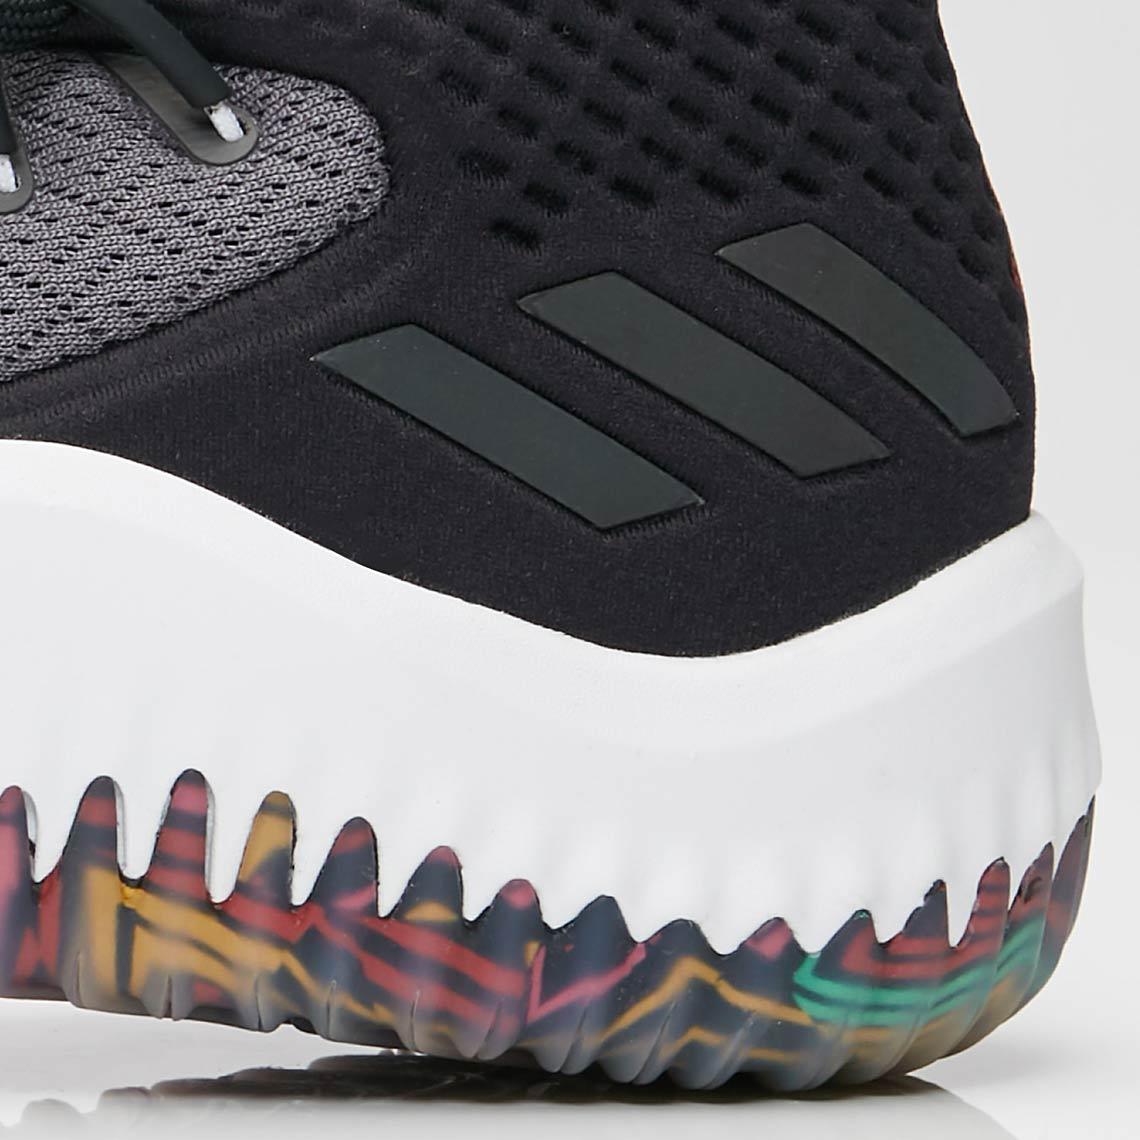 adidas Dame 4 Summer Pack AQ0824